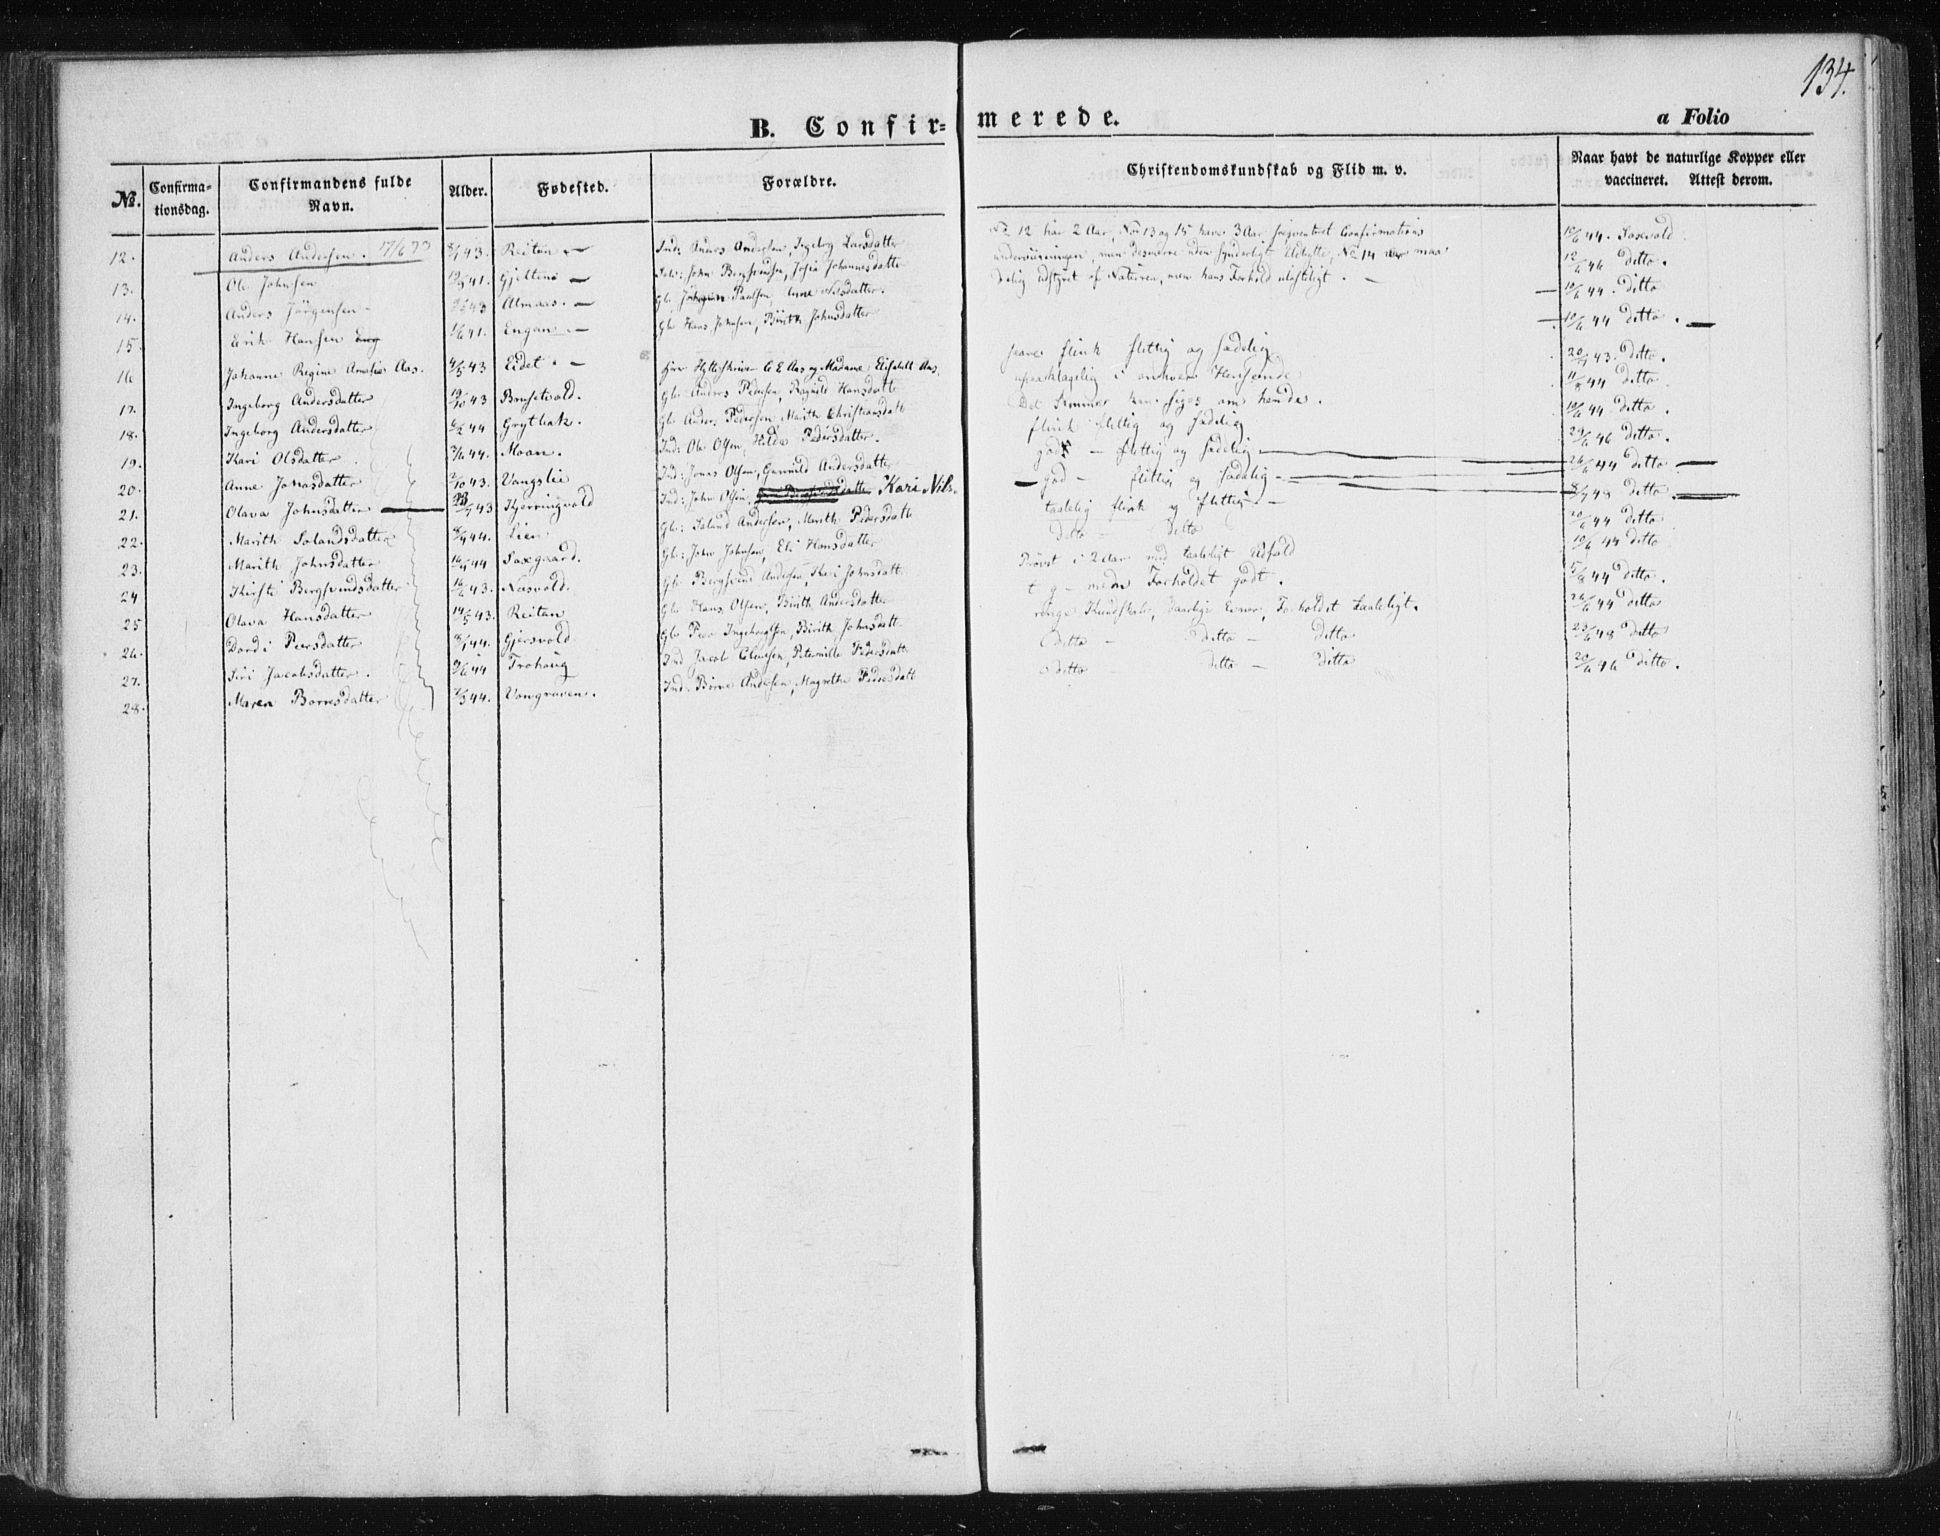 SAT, Ministerialprotokoller, klokkerbøker og fødselsregistre - Sør-Trøndelag, 685/L0965: Ministerialbok nr. 685A06 /3, 1846-1859, s. 134